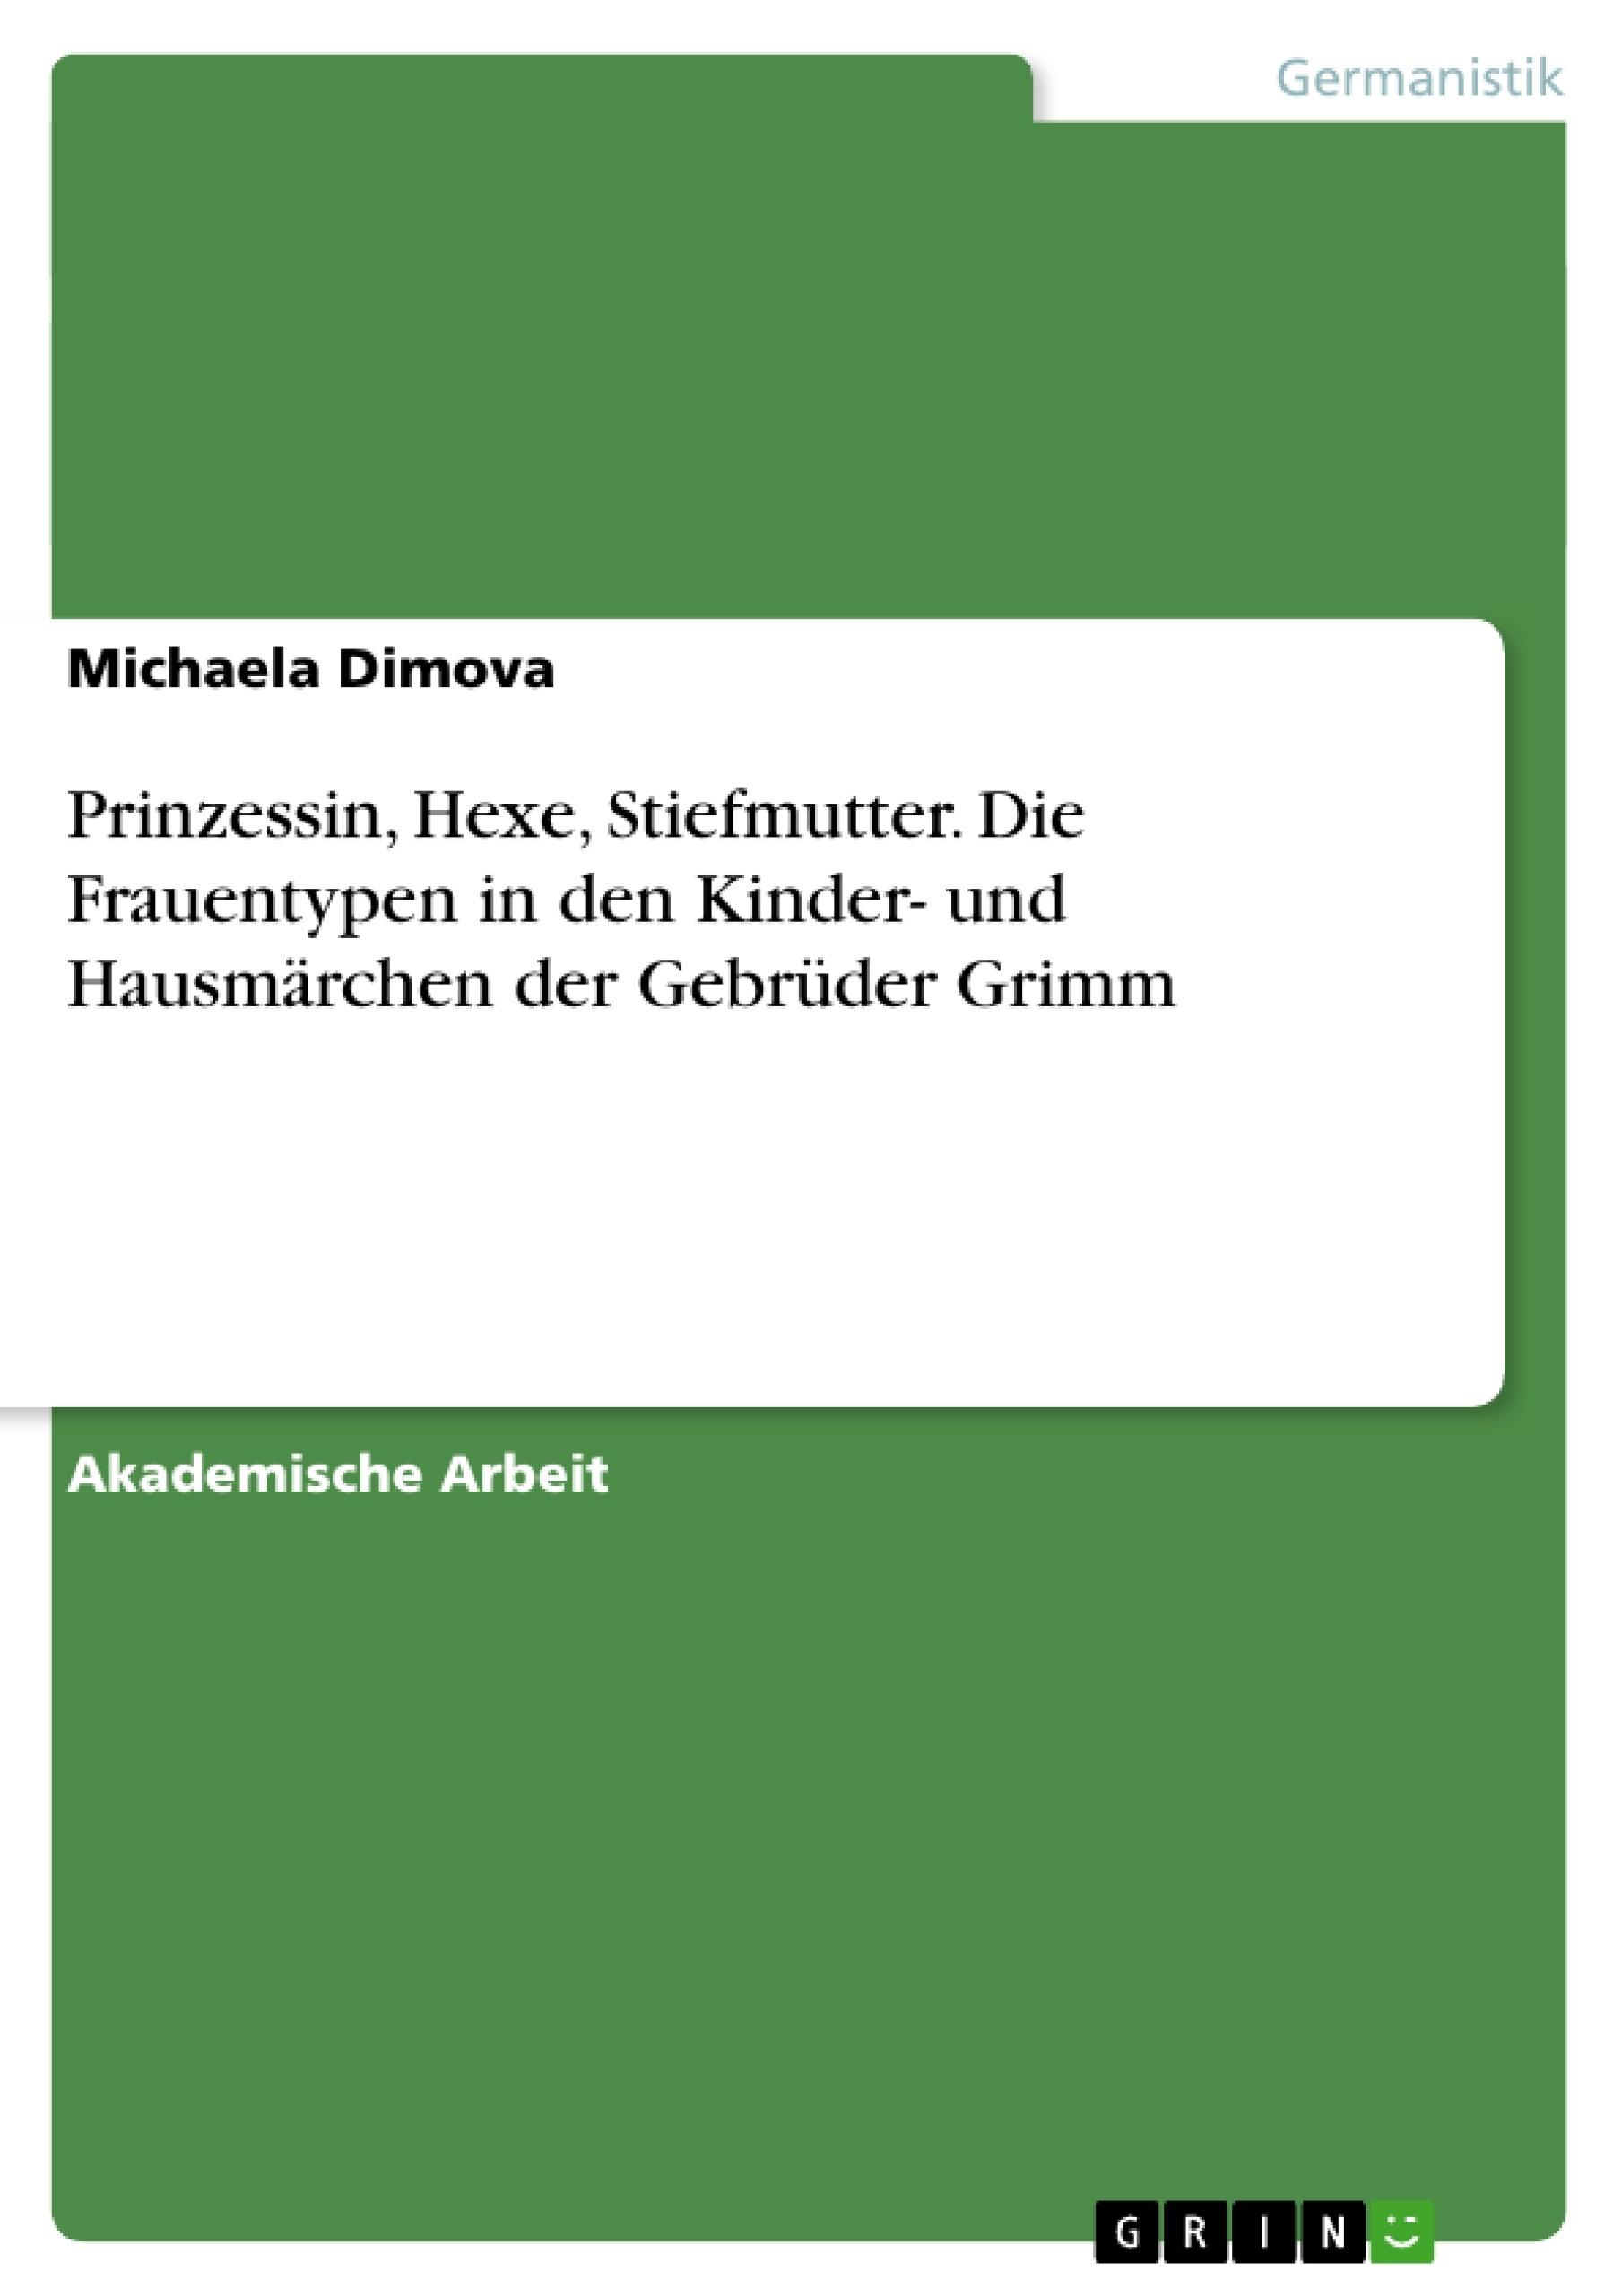 Titel: Prinzessin, Hexe, Stiefmutter. Die Frauentypen in den Kinder- und Hausmärchen der Gebrüder Grimm